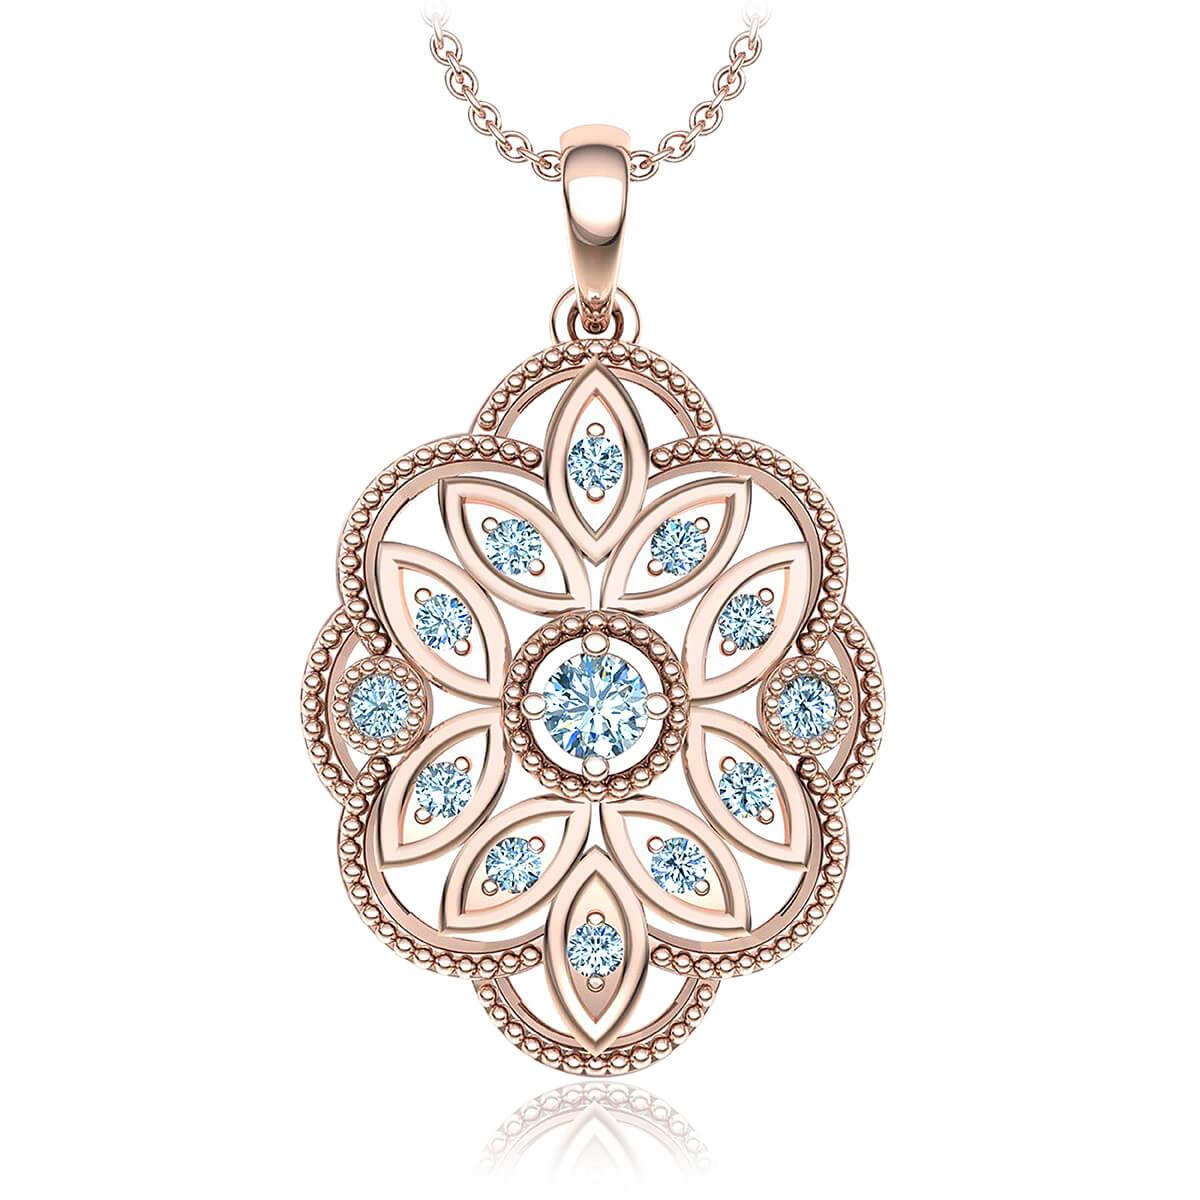 Zelda Diamond Necklace (1/6 CT. TW.)